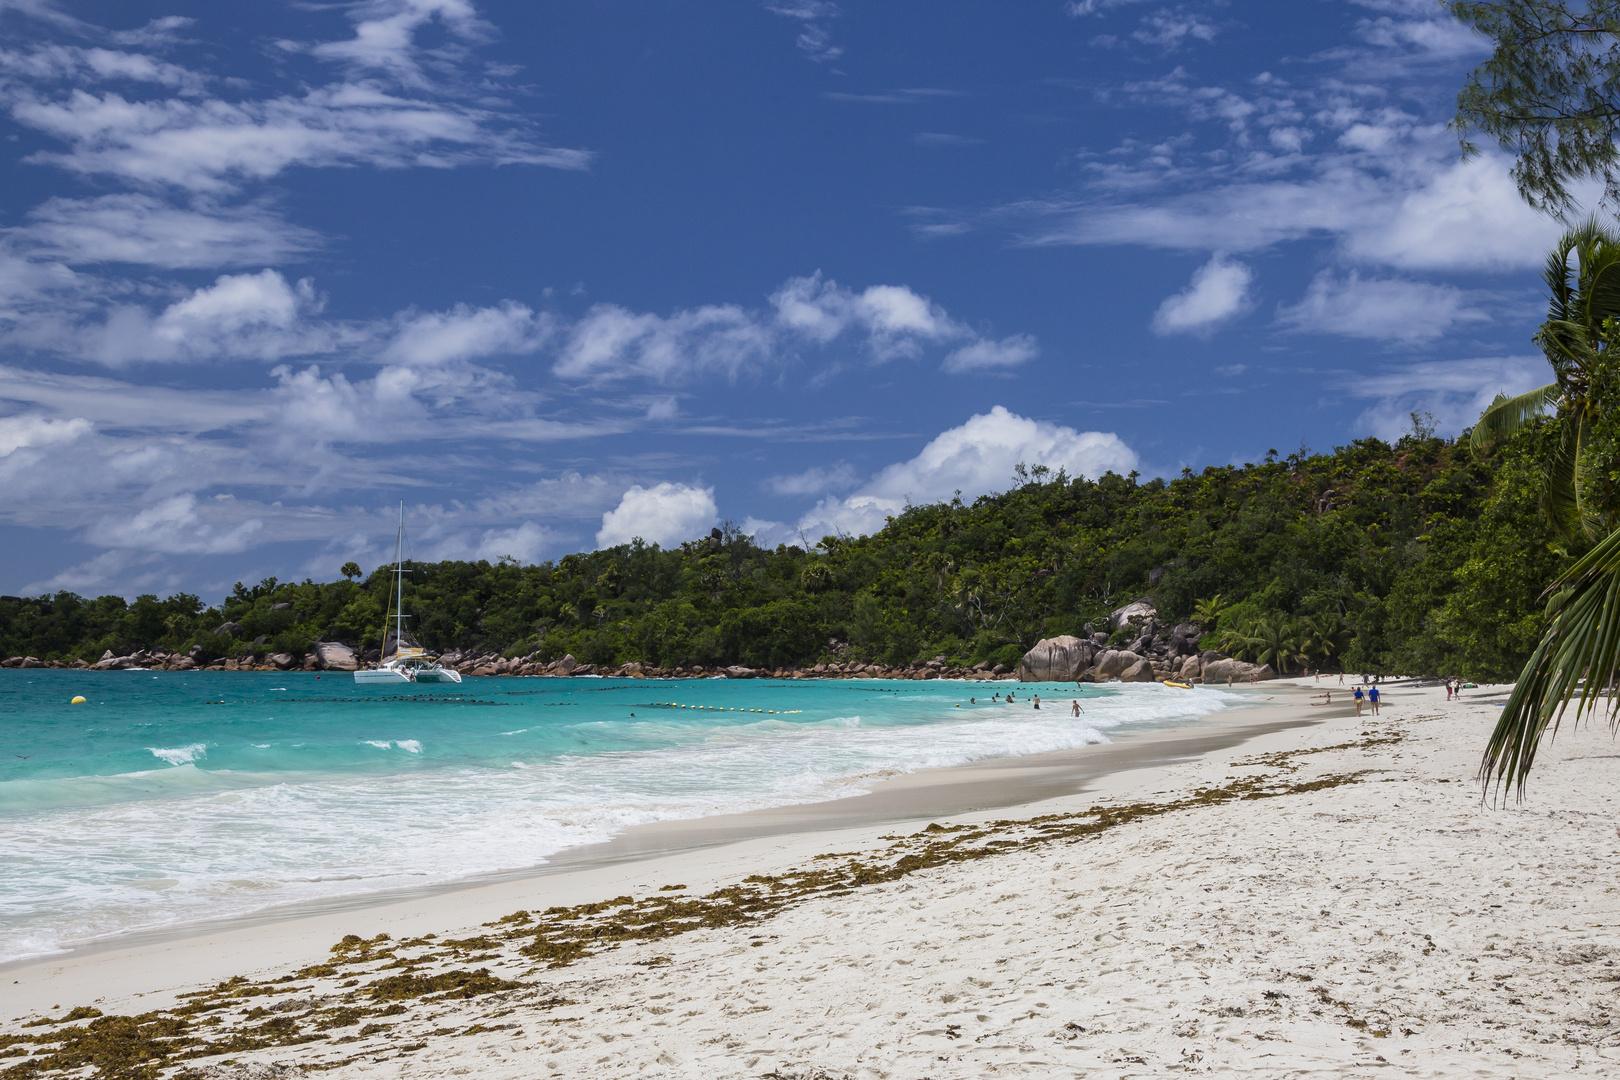 fehlt noch - beach for sunday